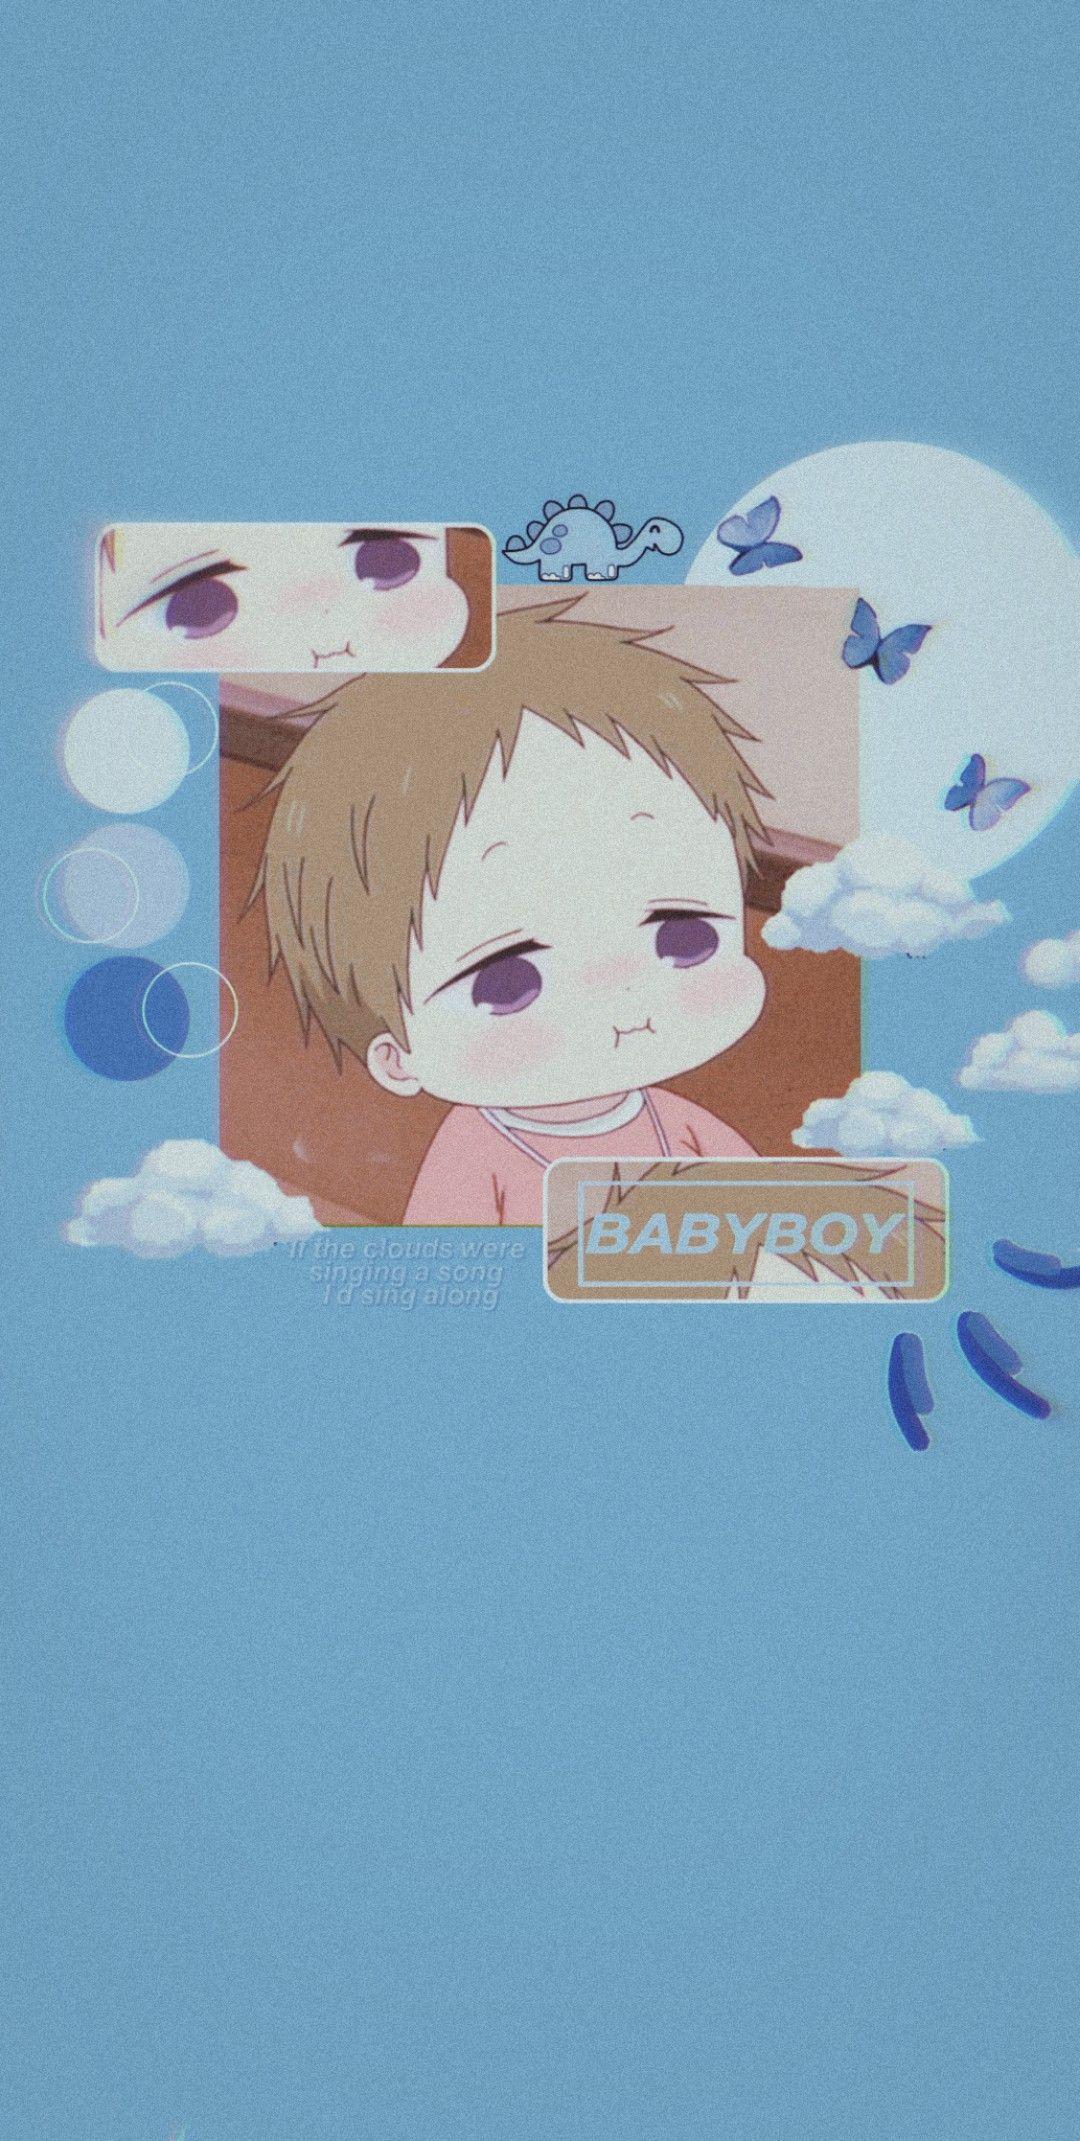 Kotaro Gakuen Babysitter Di 2020 Gambar Karakter Seni Anime Gambar Tokoh